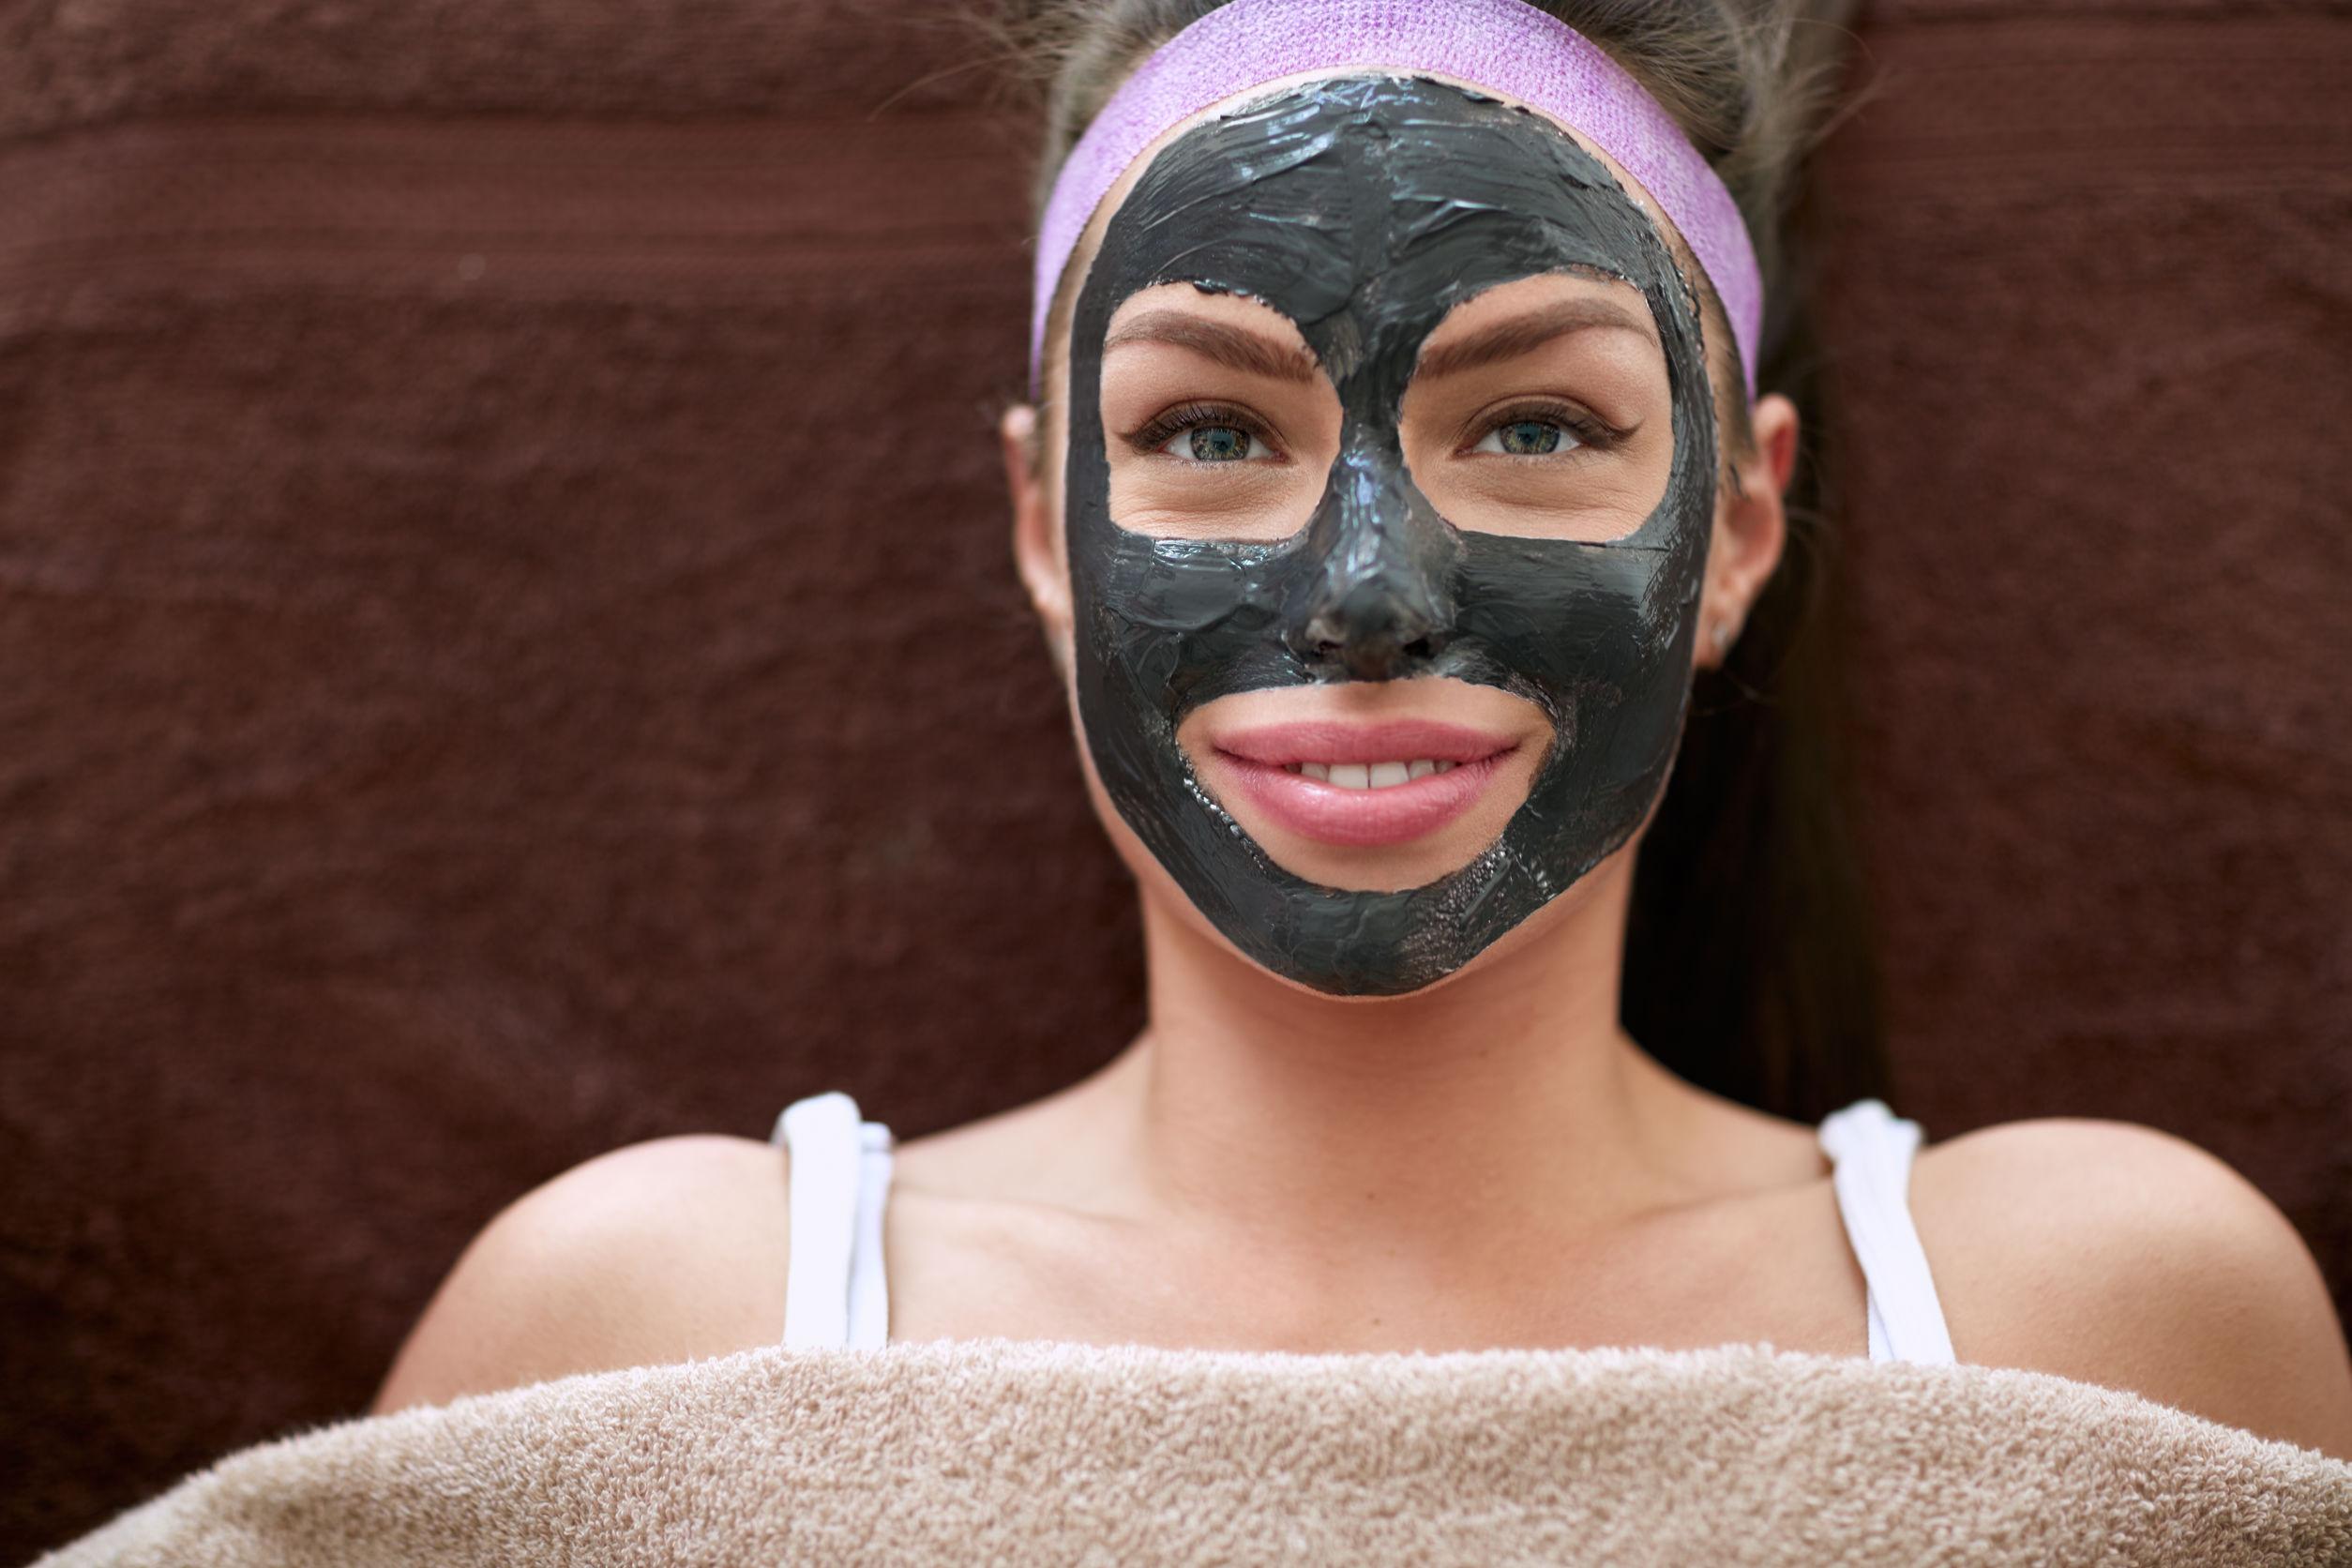 Mujer acostada usando mascarilla negra